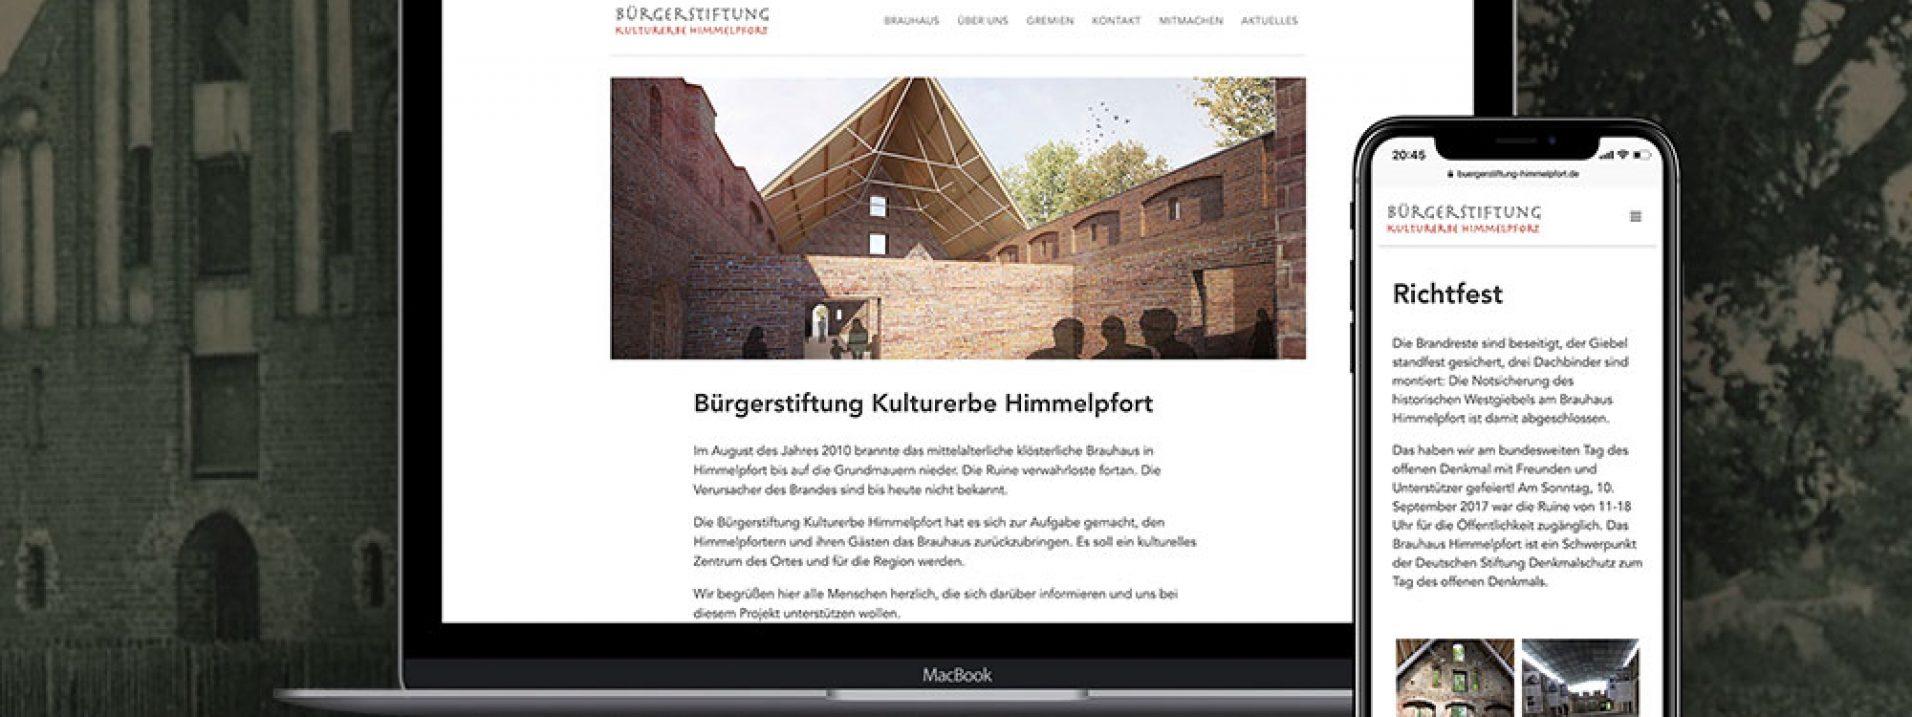 """Vorschau des Referenzprojekts """"Bürgerstiftung Kulturerbe Himmelpfort"""" der Berliner Werbeagentur und Internetagentur Dive Designs"""